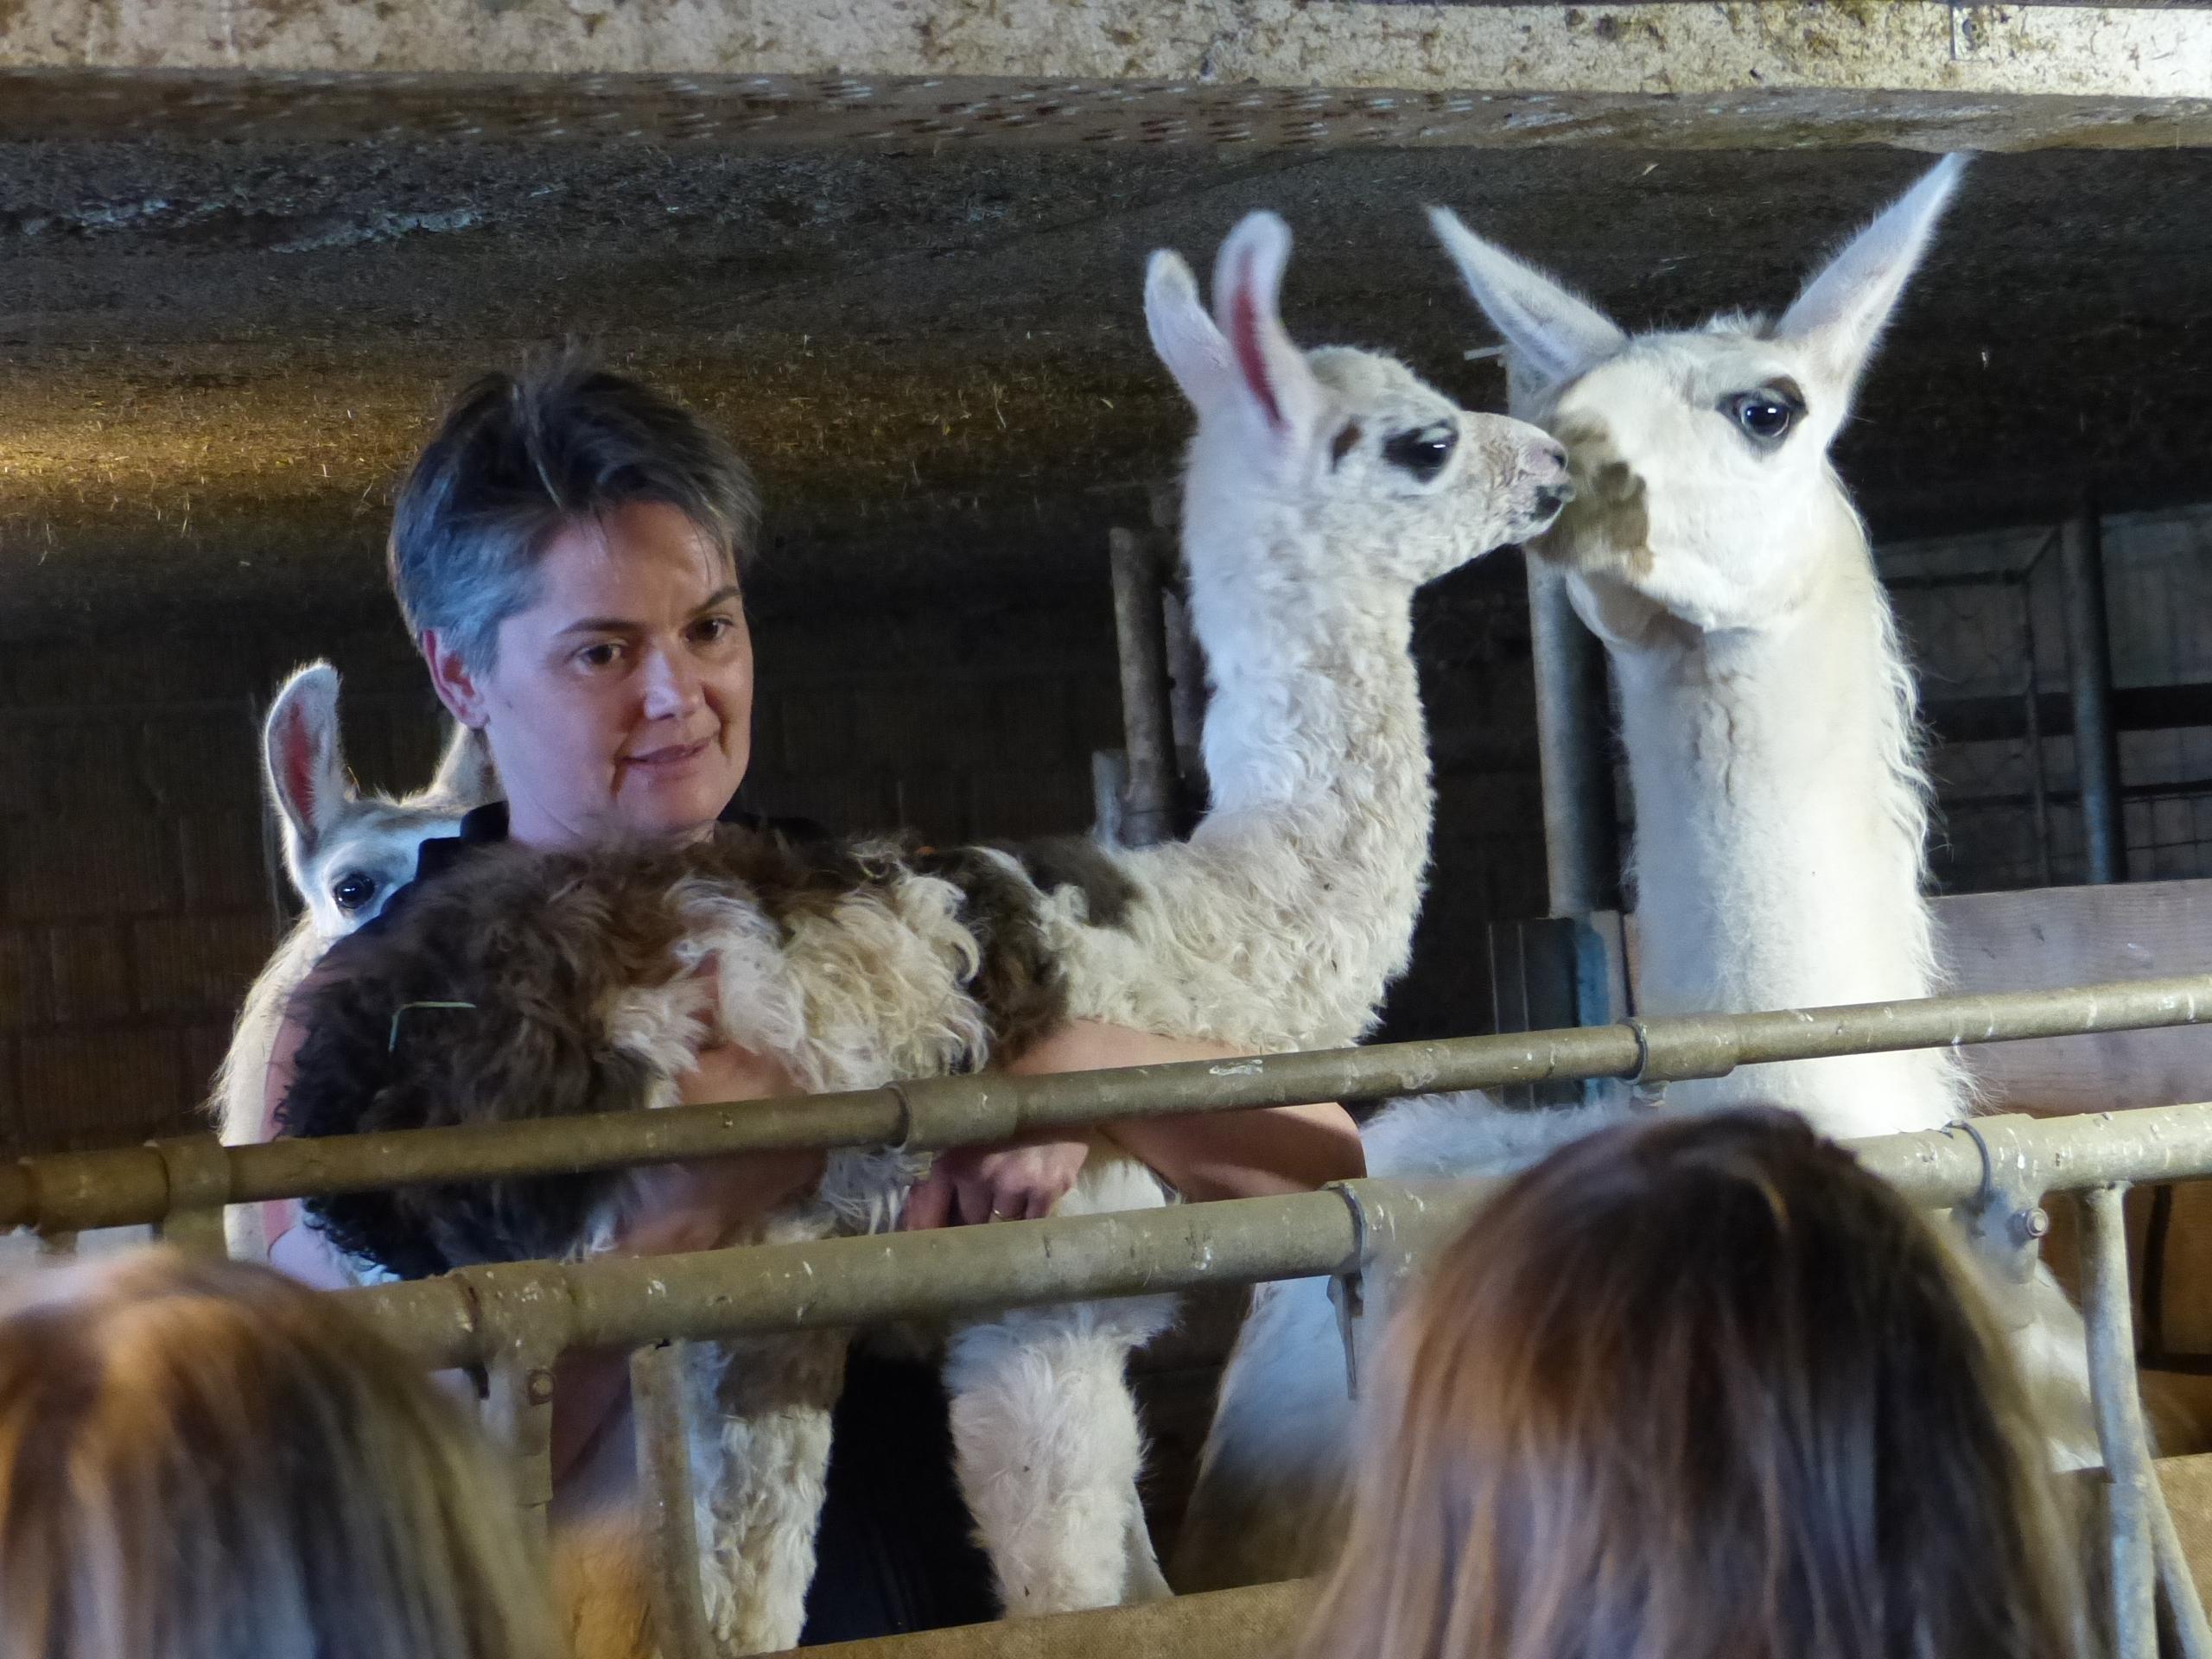 Der Lamahof wirtschaftet mit den Lamas als Zucht- und Weidetiere. Sie achten bei der Zucht sehr auf die Gesundheit ihrer Tiere. Lamas sind als Herdenschutz für Schafe, Hühner und Ziegen bestens geeignet